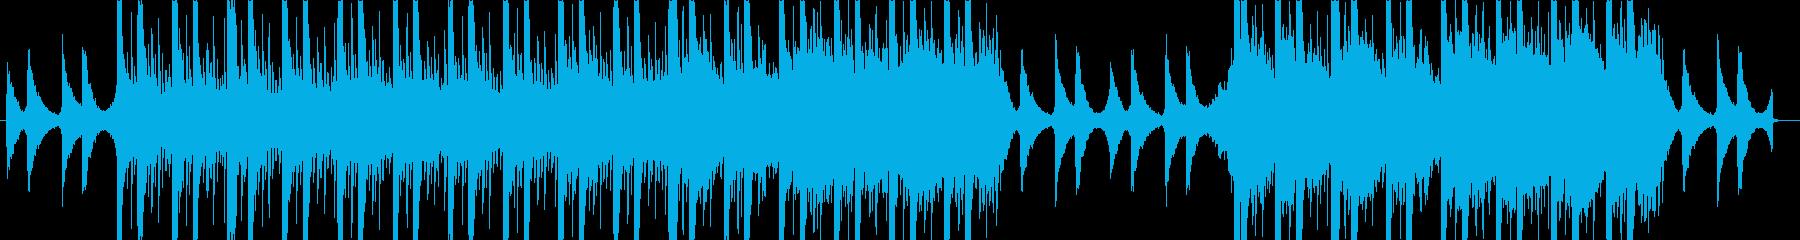 ビート感のあるアンビエンテック系ポップスの再生済みの波形